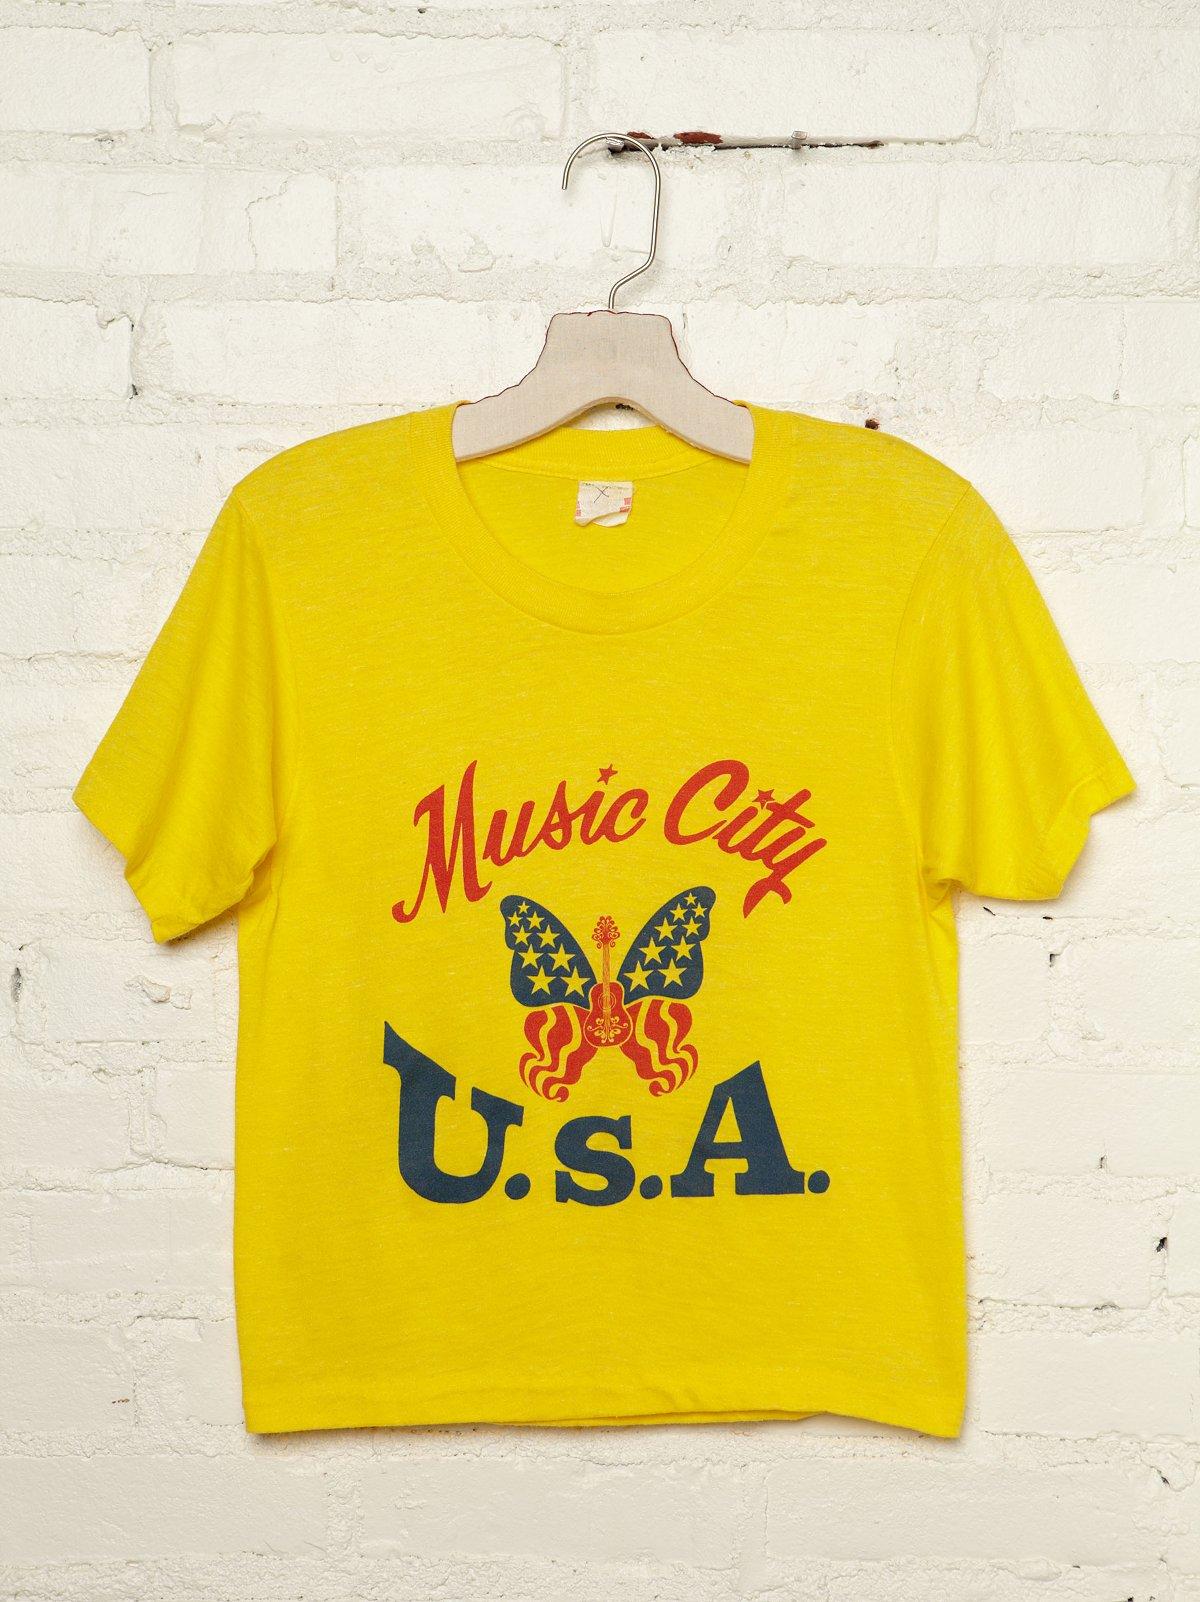 Vintage Music City U.S.A. Tee